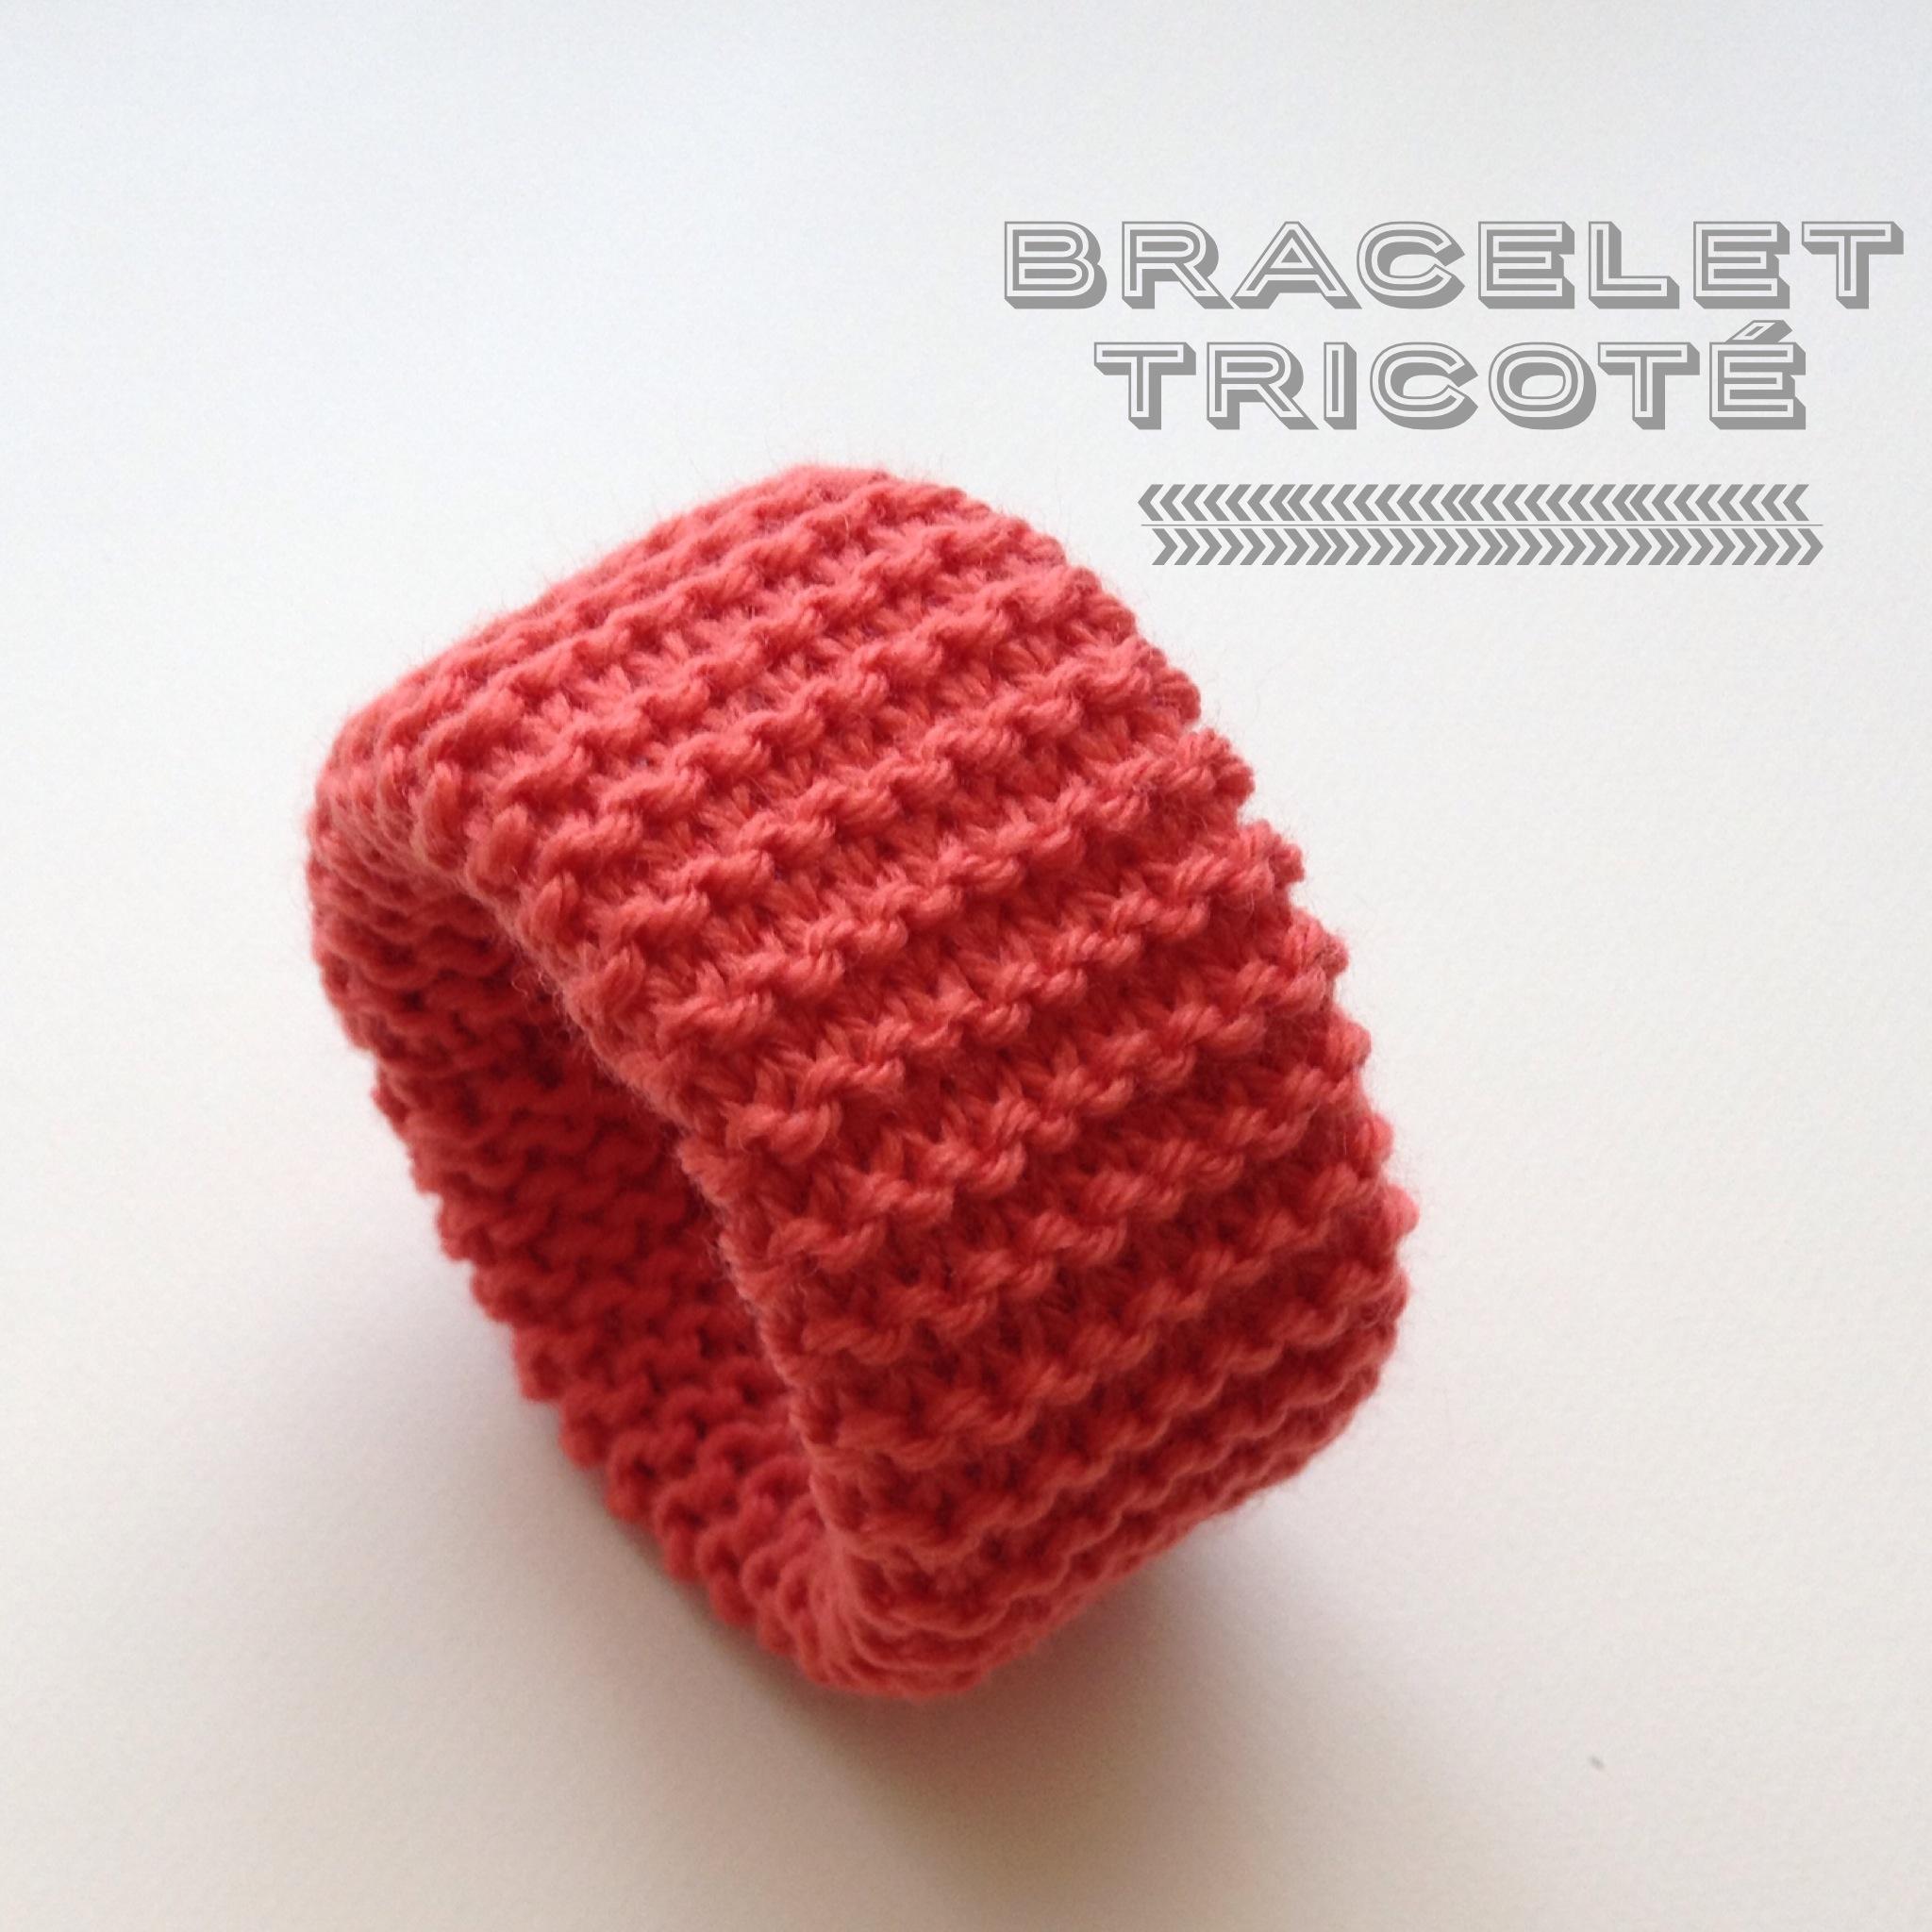 Bracelet tricoté